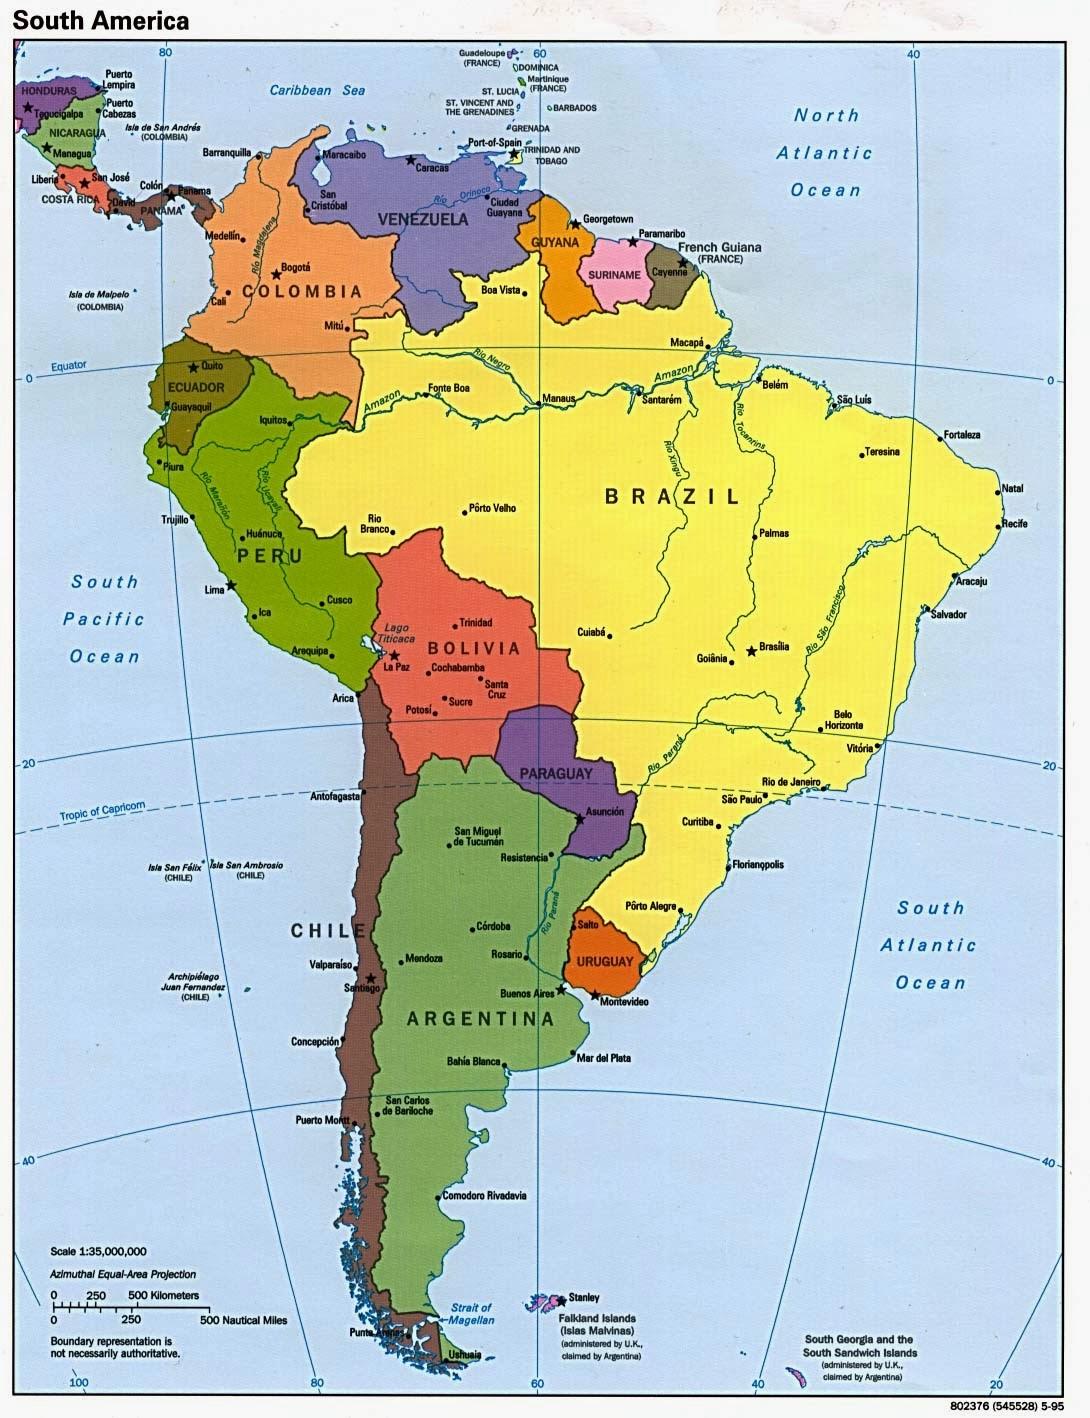 Negara Di Benua Amerika Beserta Ibukotanya : negara, benua, amerika, beserta, ibukotanya, Negeri, Evan's, Blog:, Negara, Benua, Amerika, Ibukotanya